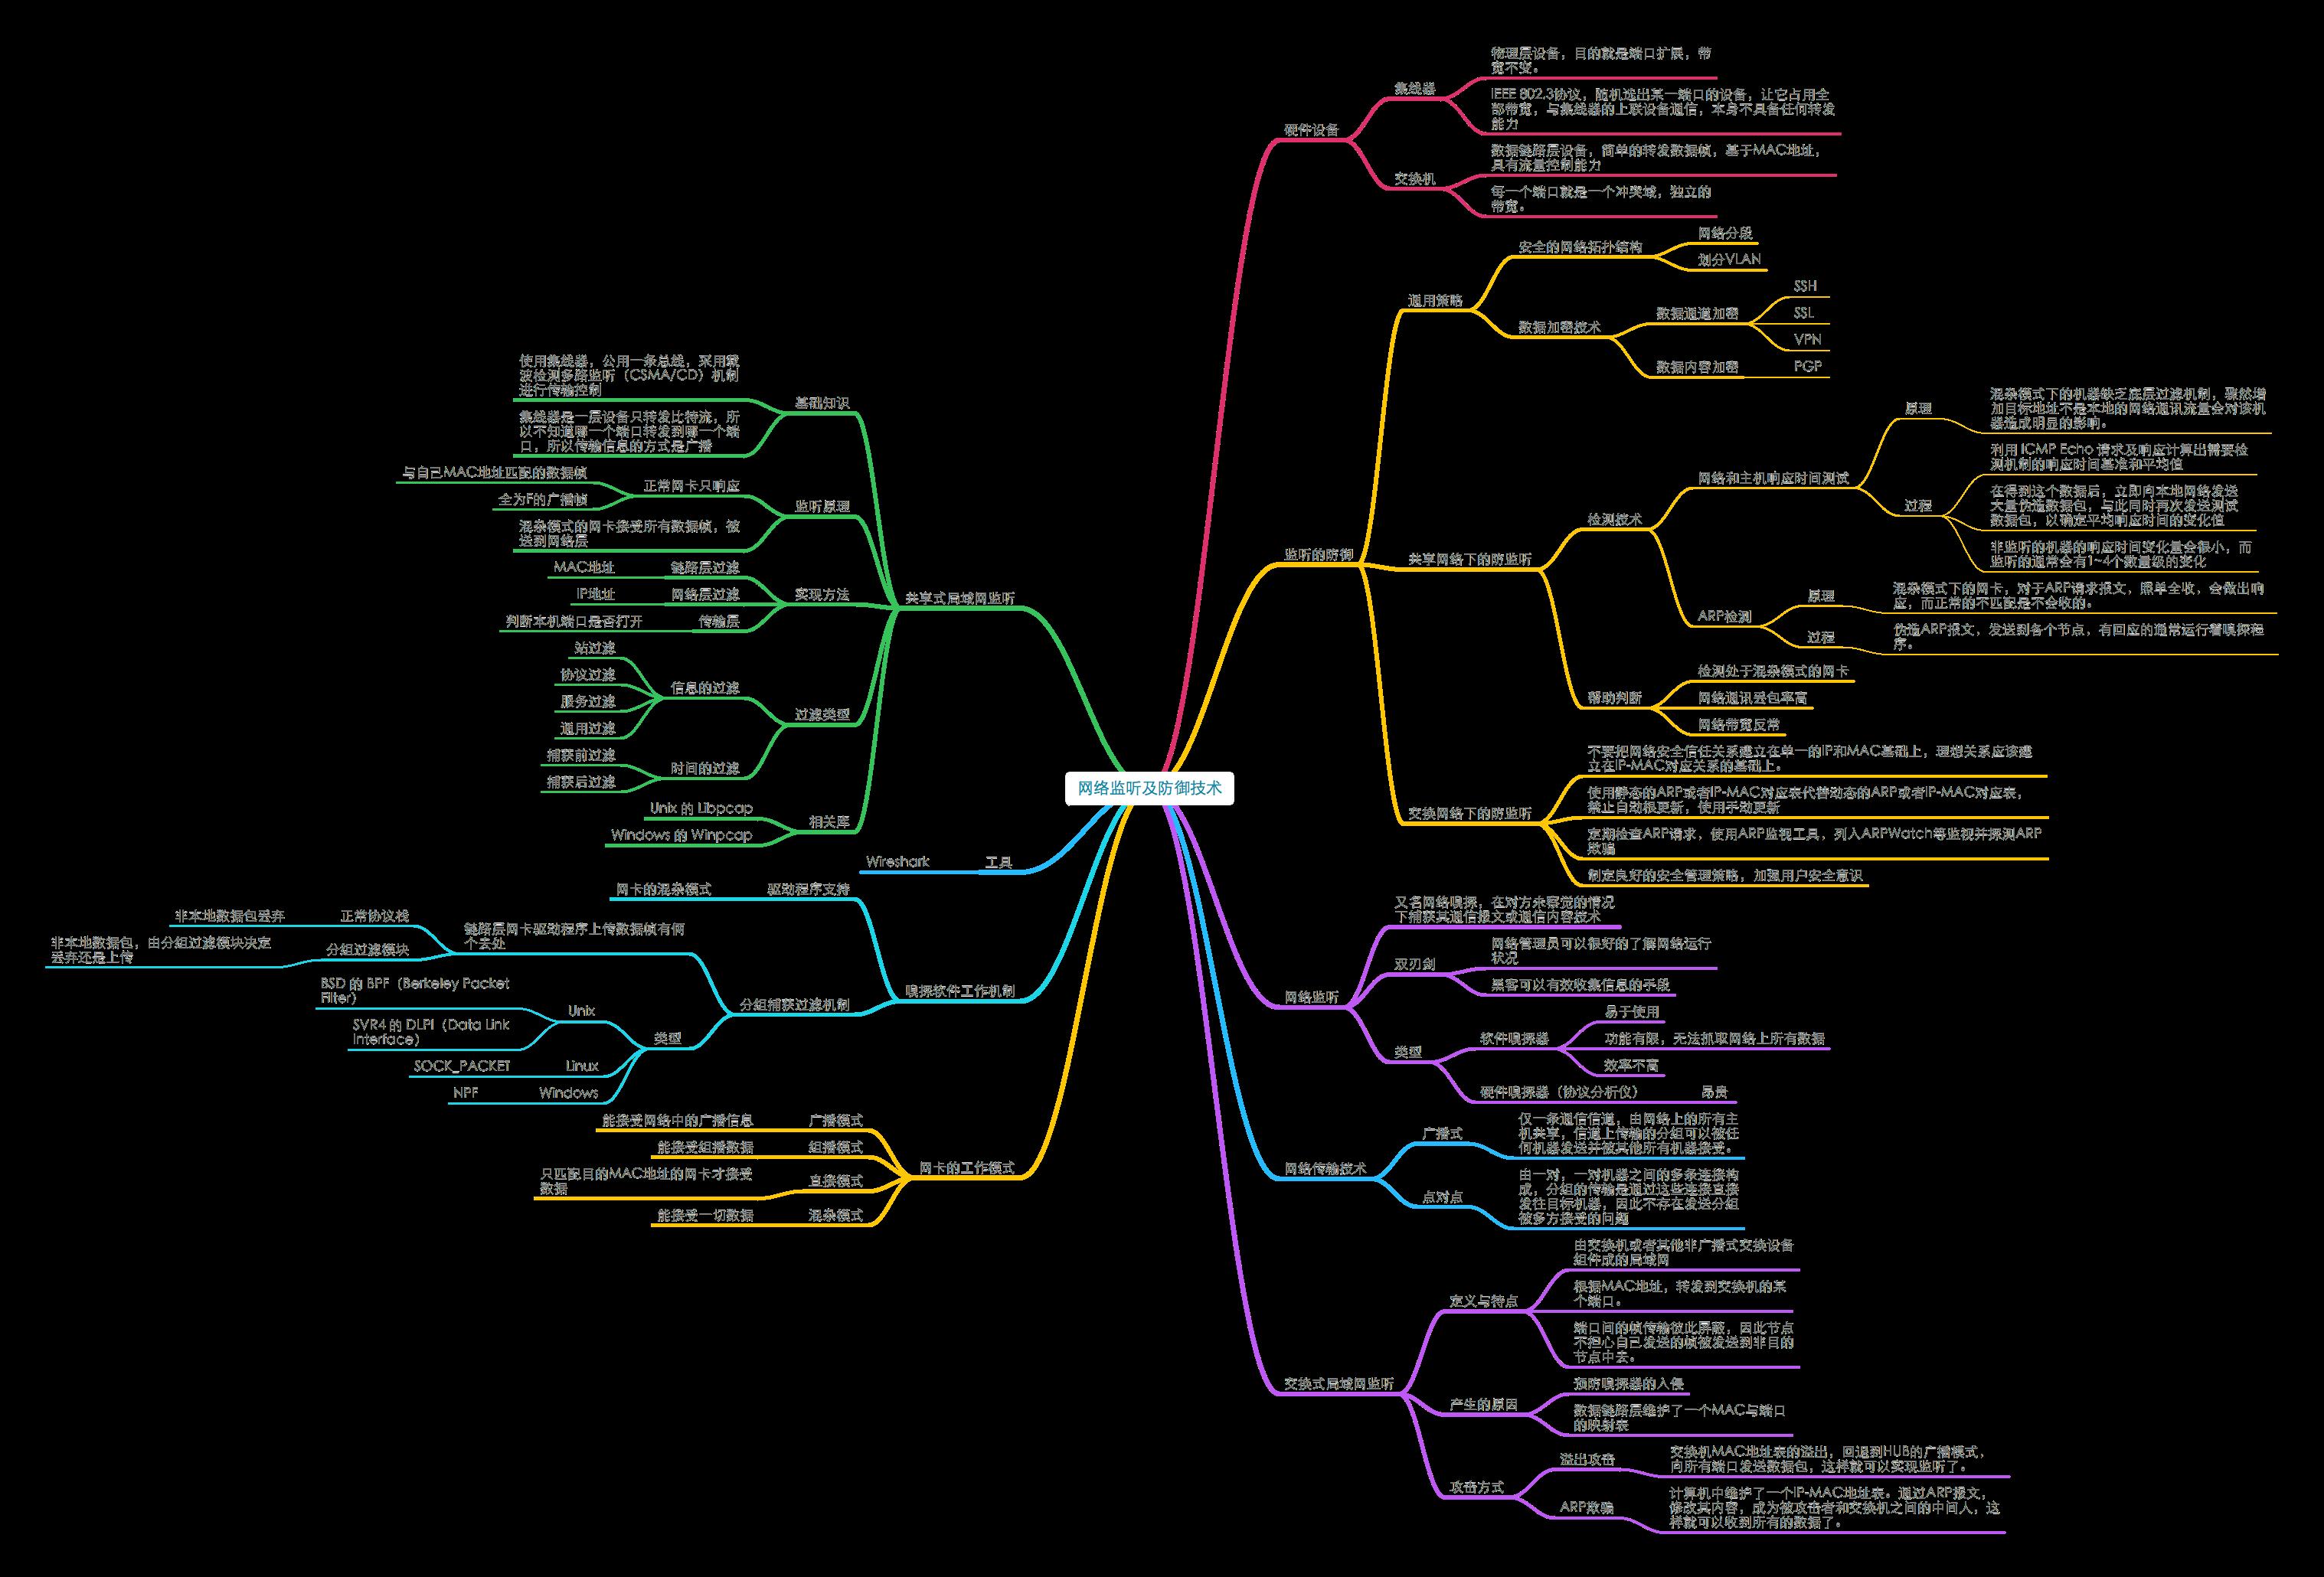 20180629_《网络安全思维导图》1.3网络监听及防御技术.png